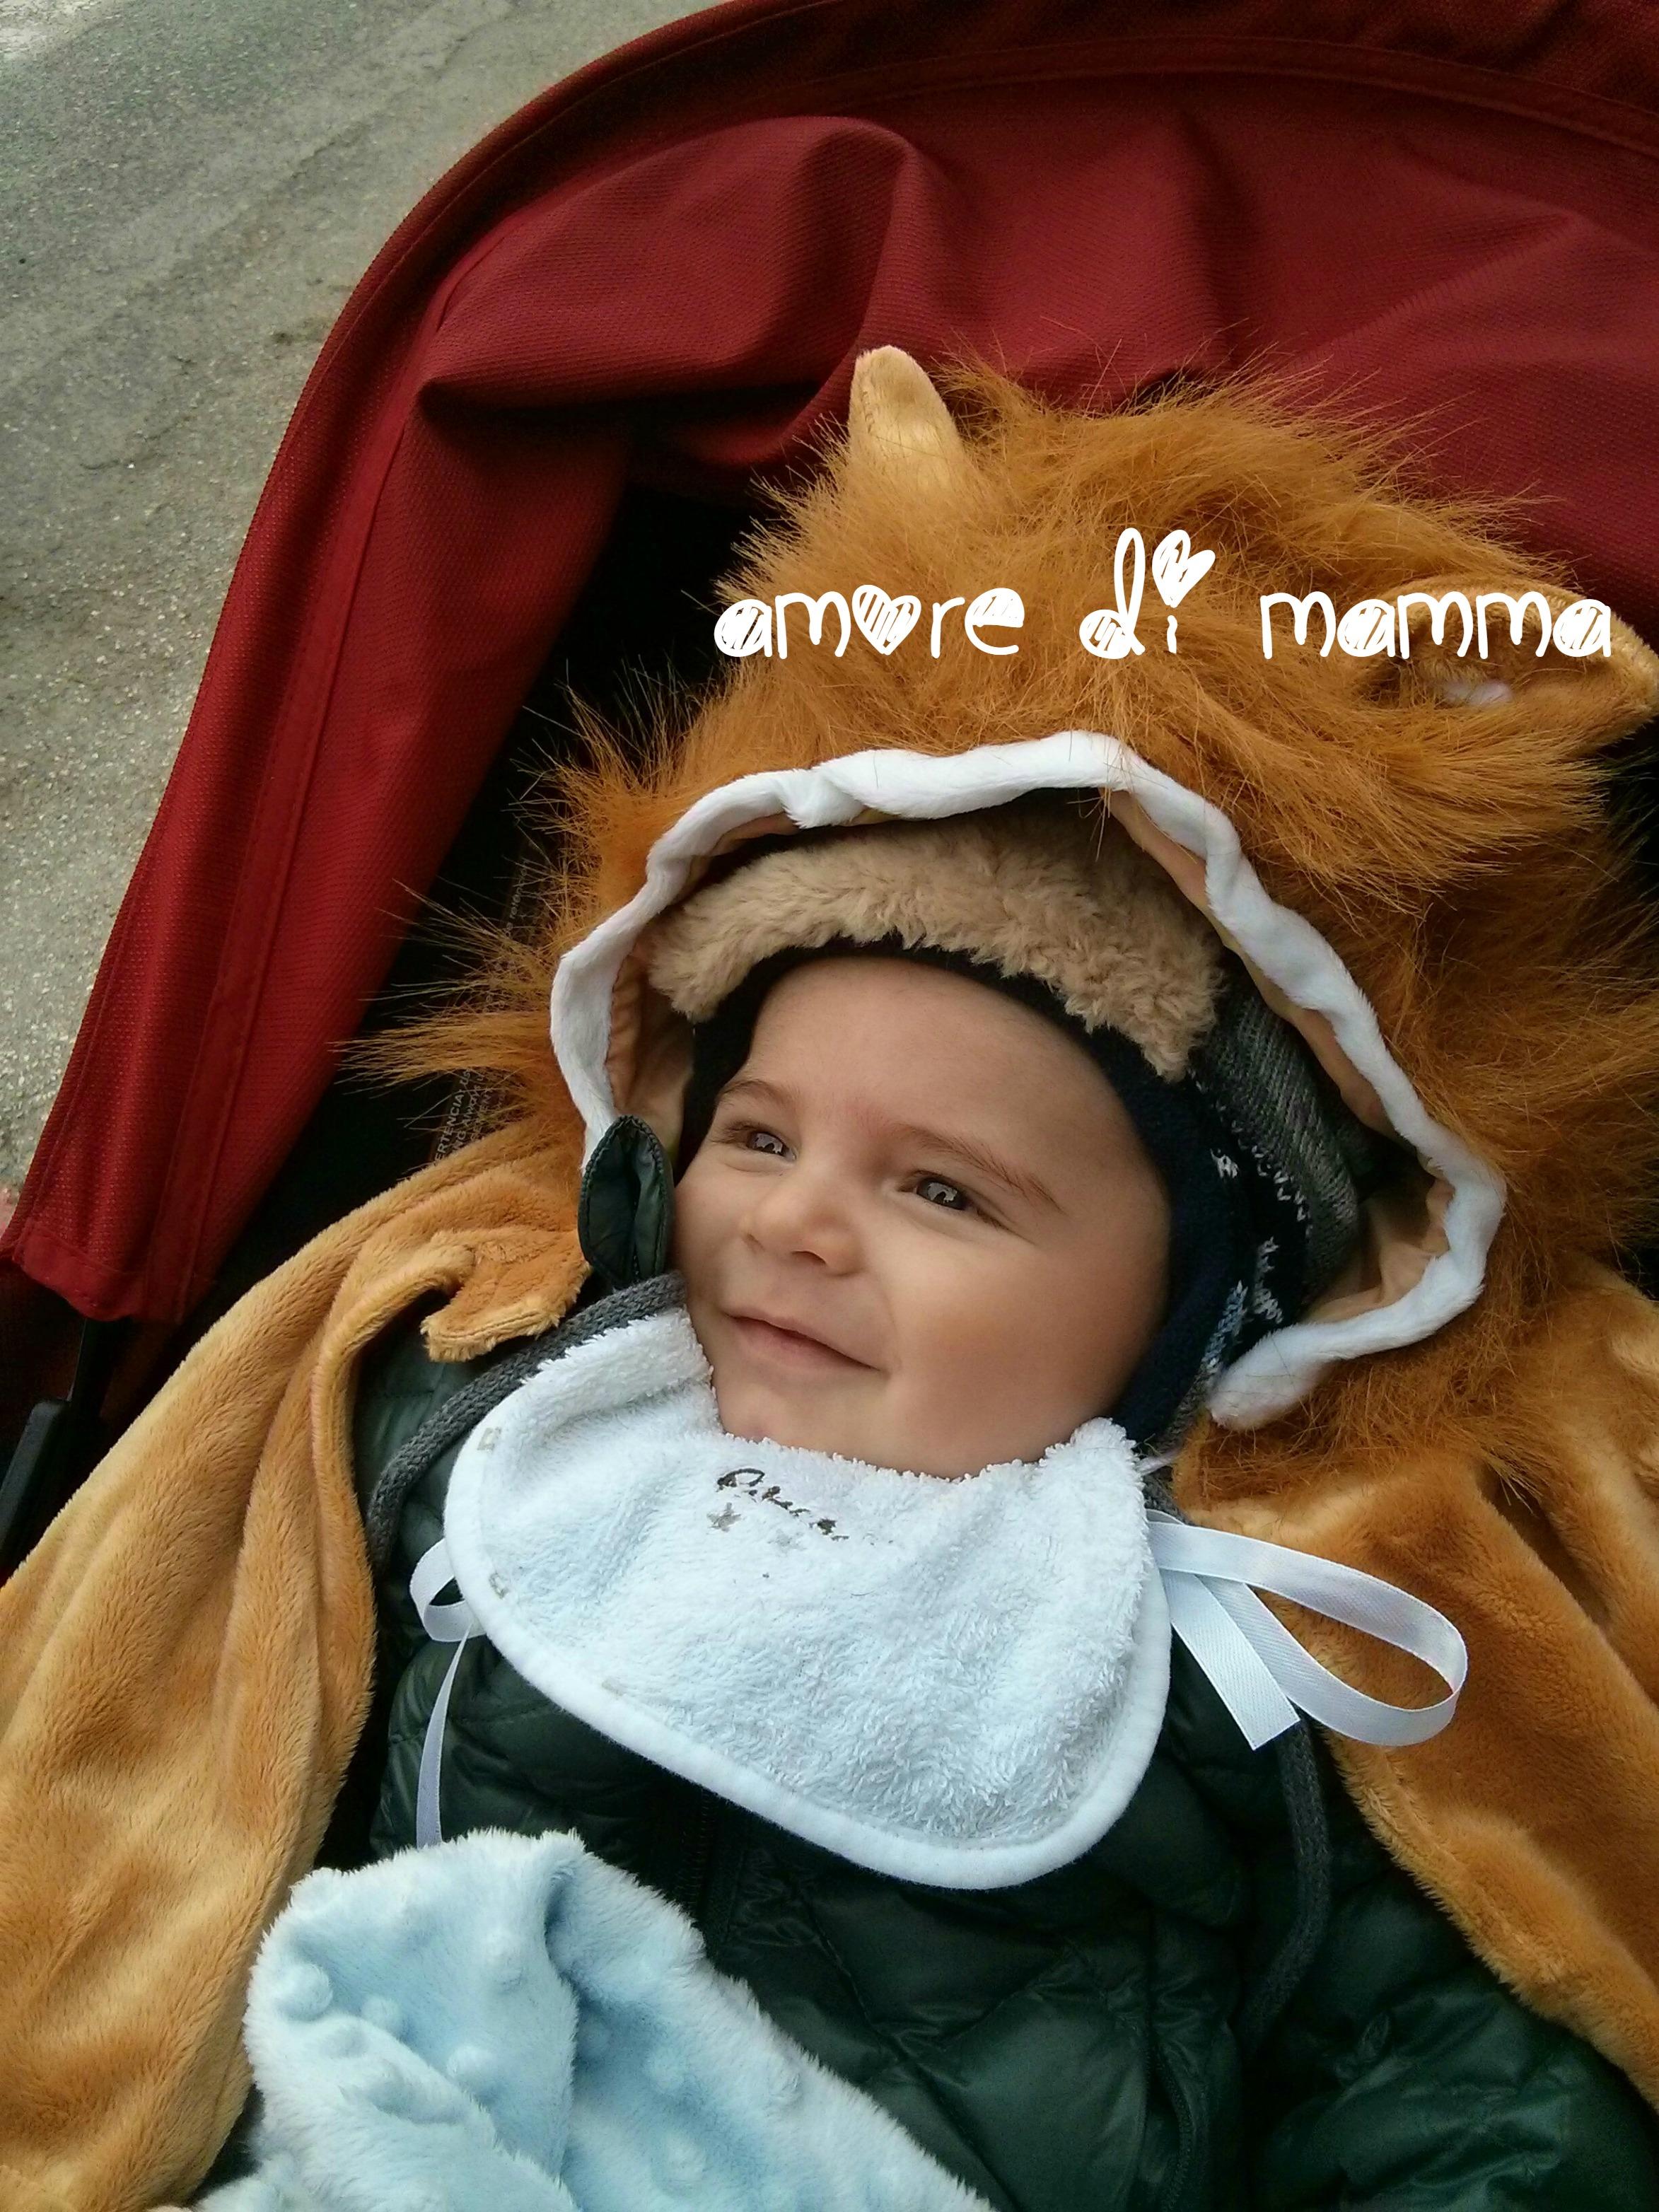 52cce48f9b Crescita neonato 5-6 mesi - sviluppi e progressi | Amore di Mamma